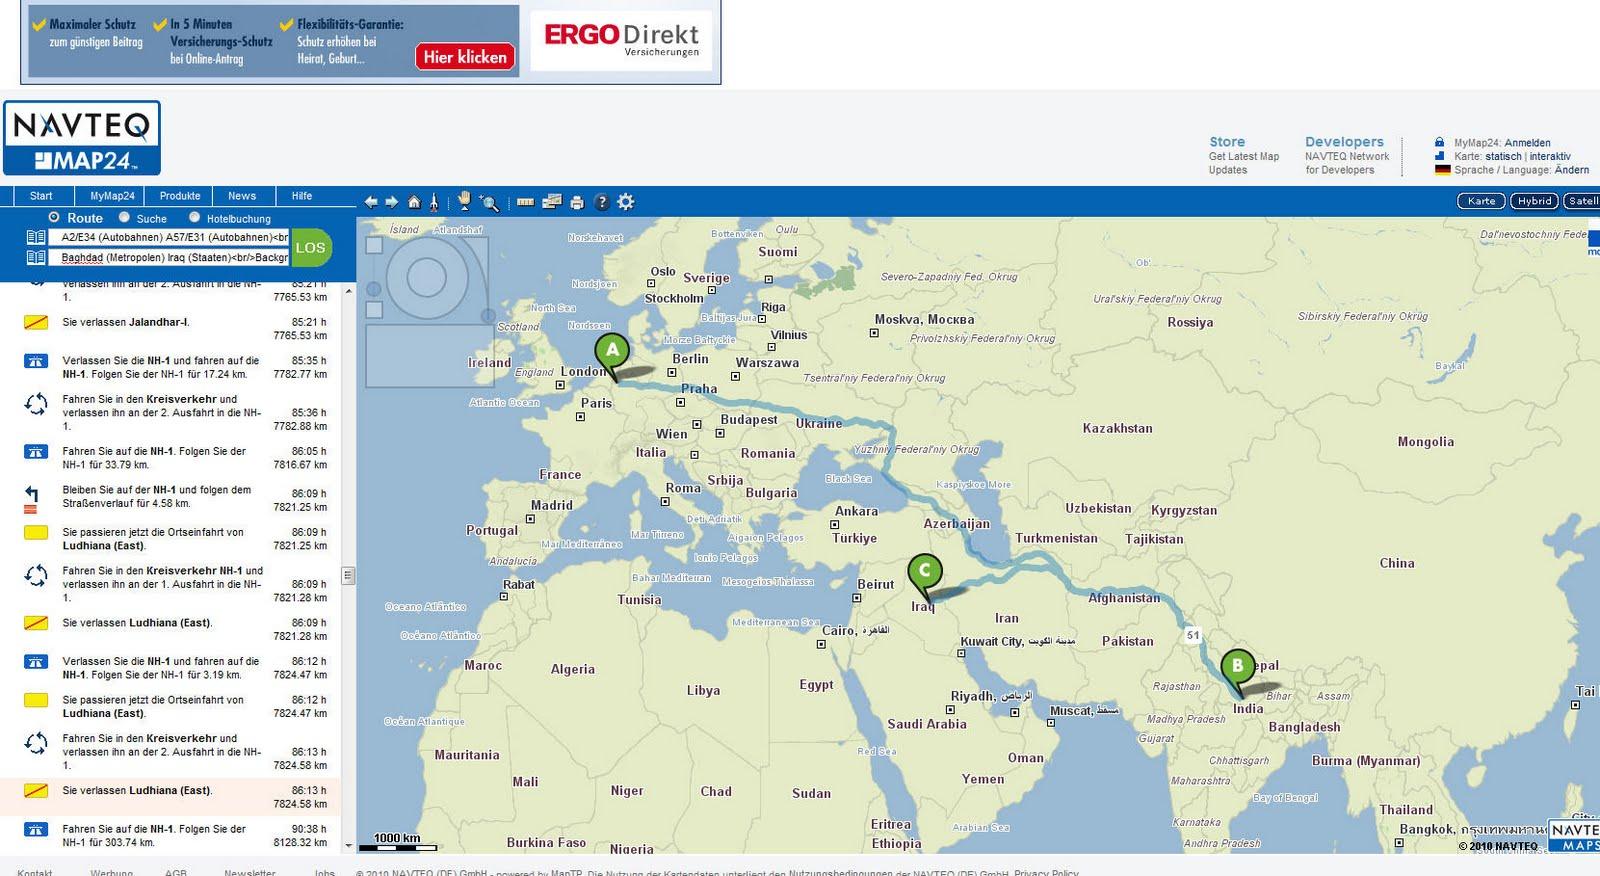 map24 route berechnen map24 web app chip eine karte von. Black Bedroom Furniture Sets. Home Design Ideas